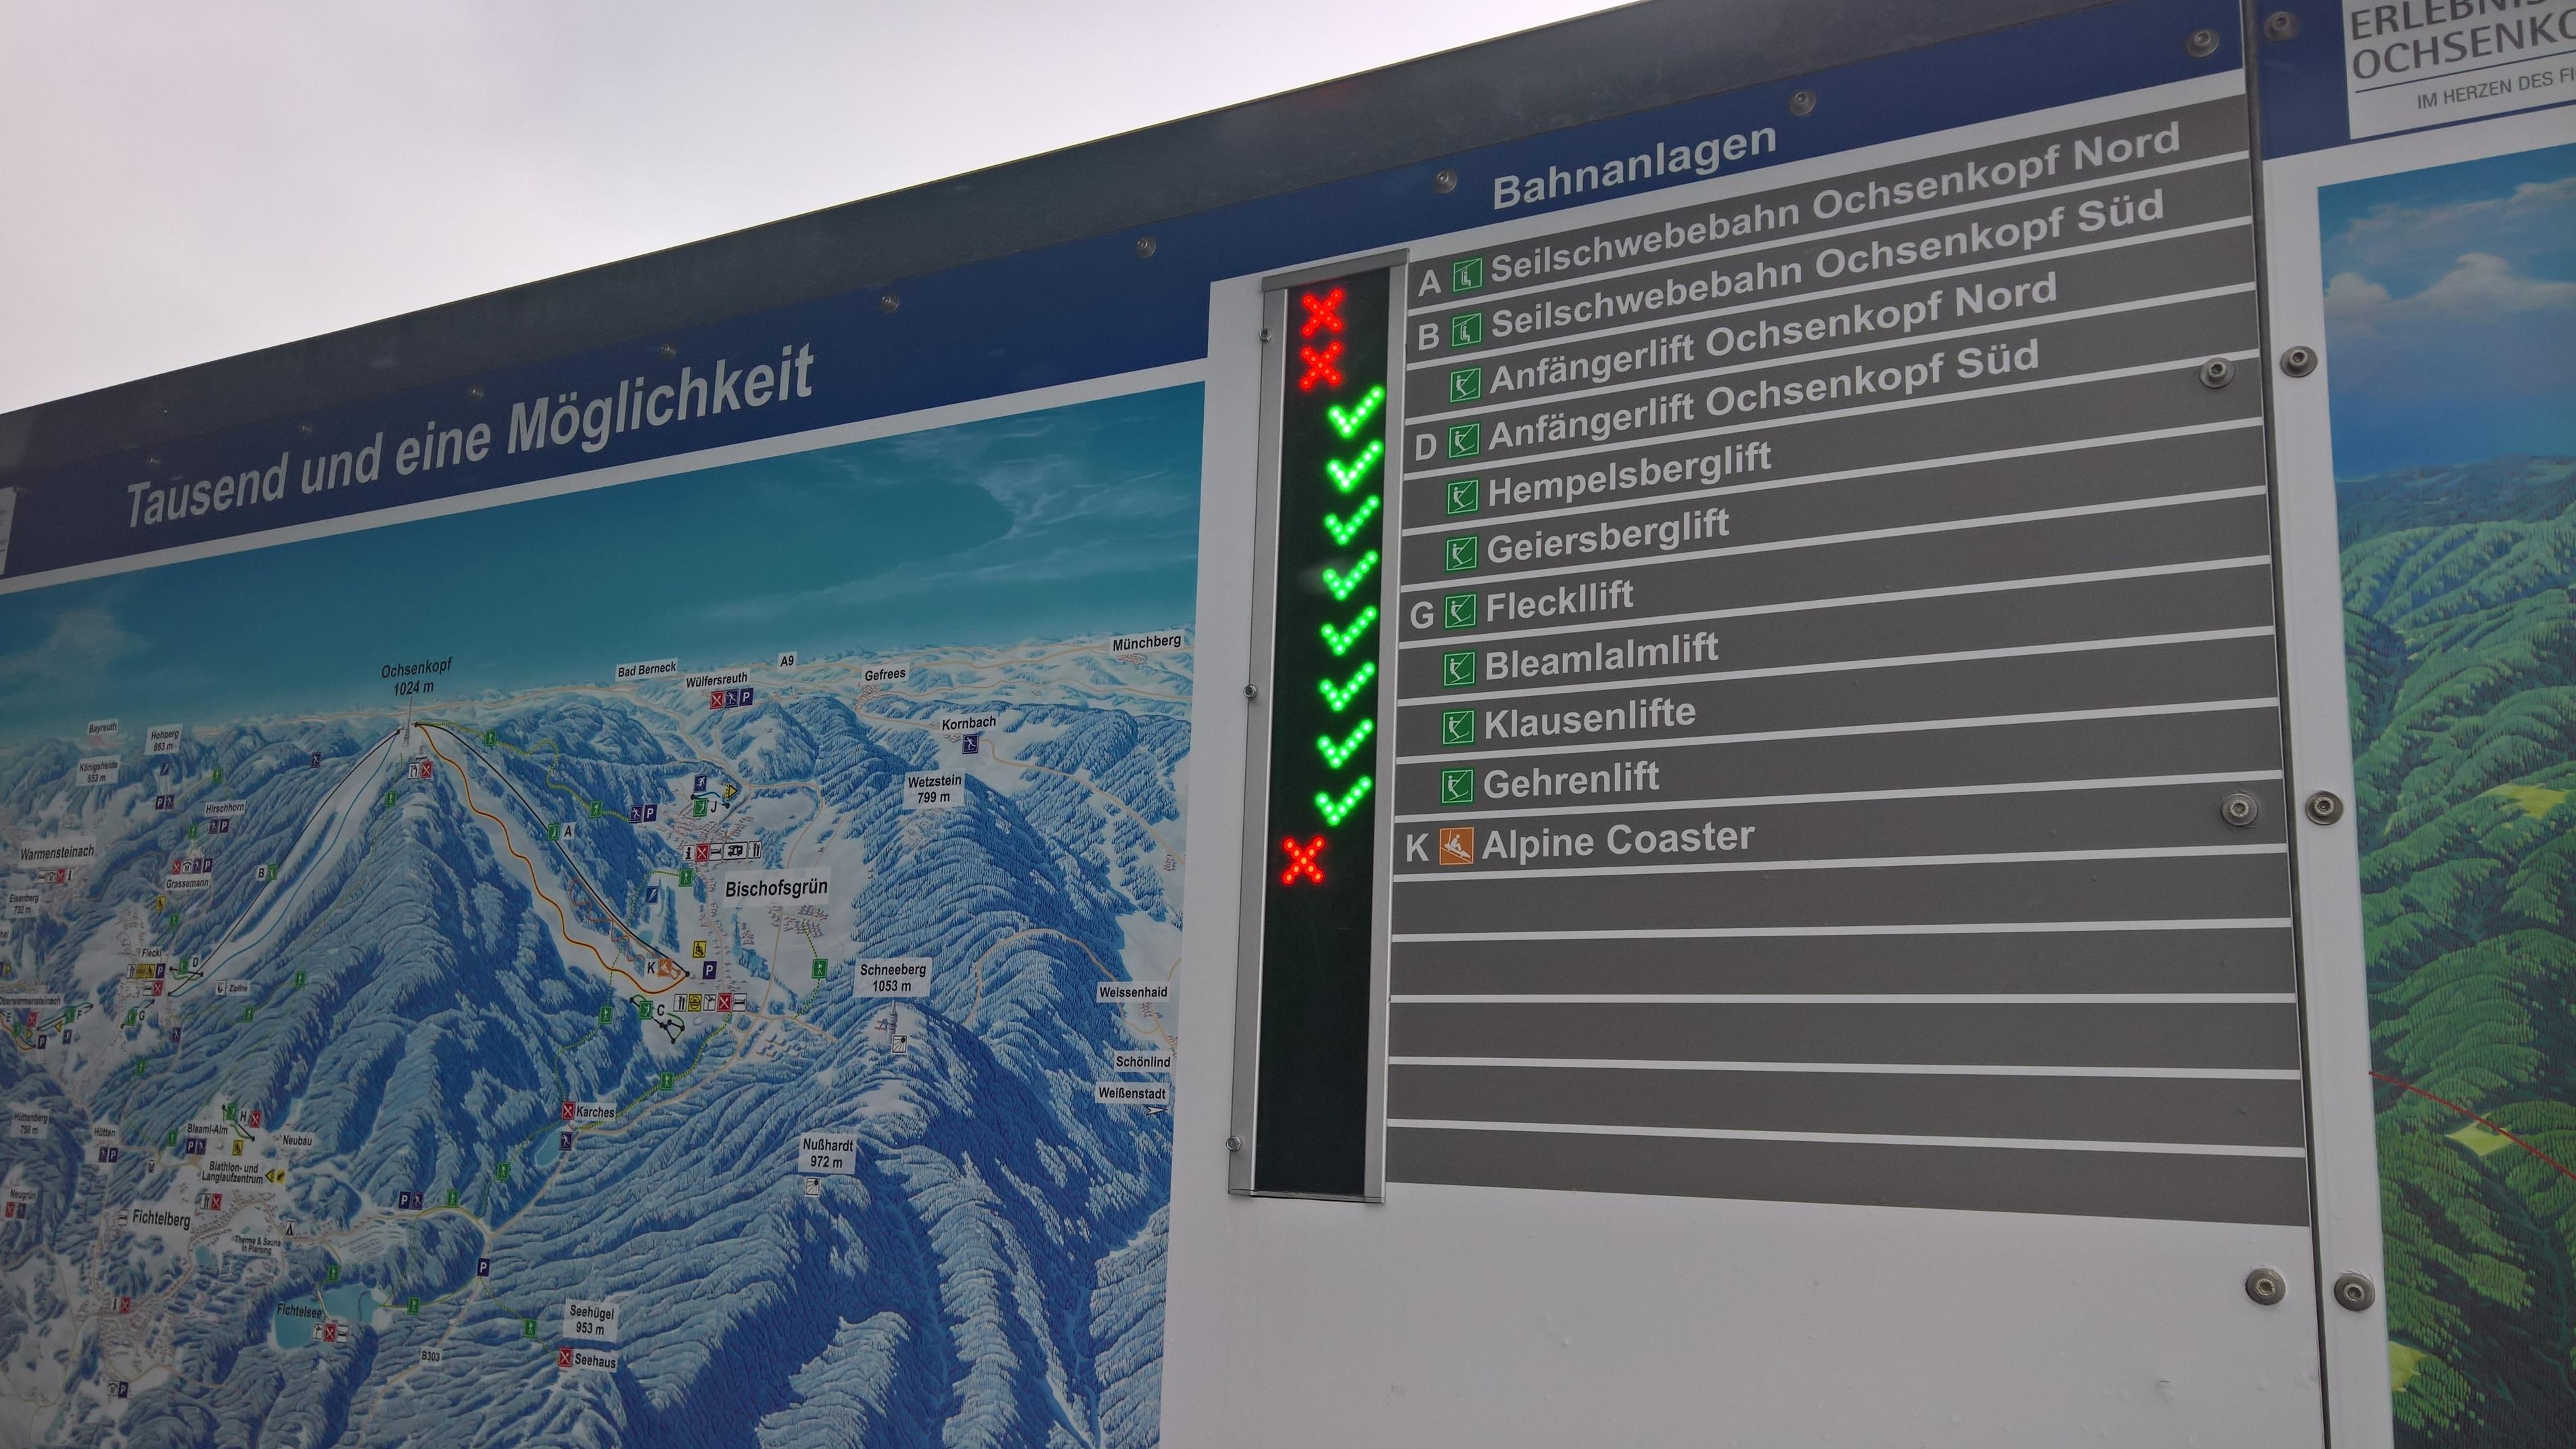 Anzeigetafel der Bahnanlagen am Ochsenkopf: ein rotes Kreuz vor den Seilschwebebahnen Ochsenkopf Nord und Süd zeigt an, dass die Bahnen nicht in Betrieb sind.  Vor den Anfängerliften ist ein grüner Haken.